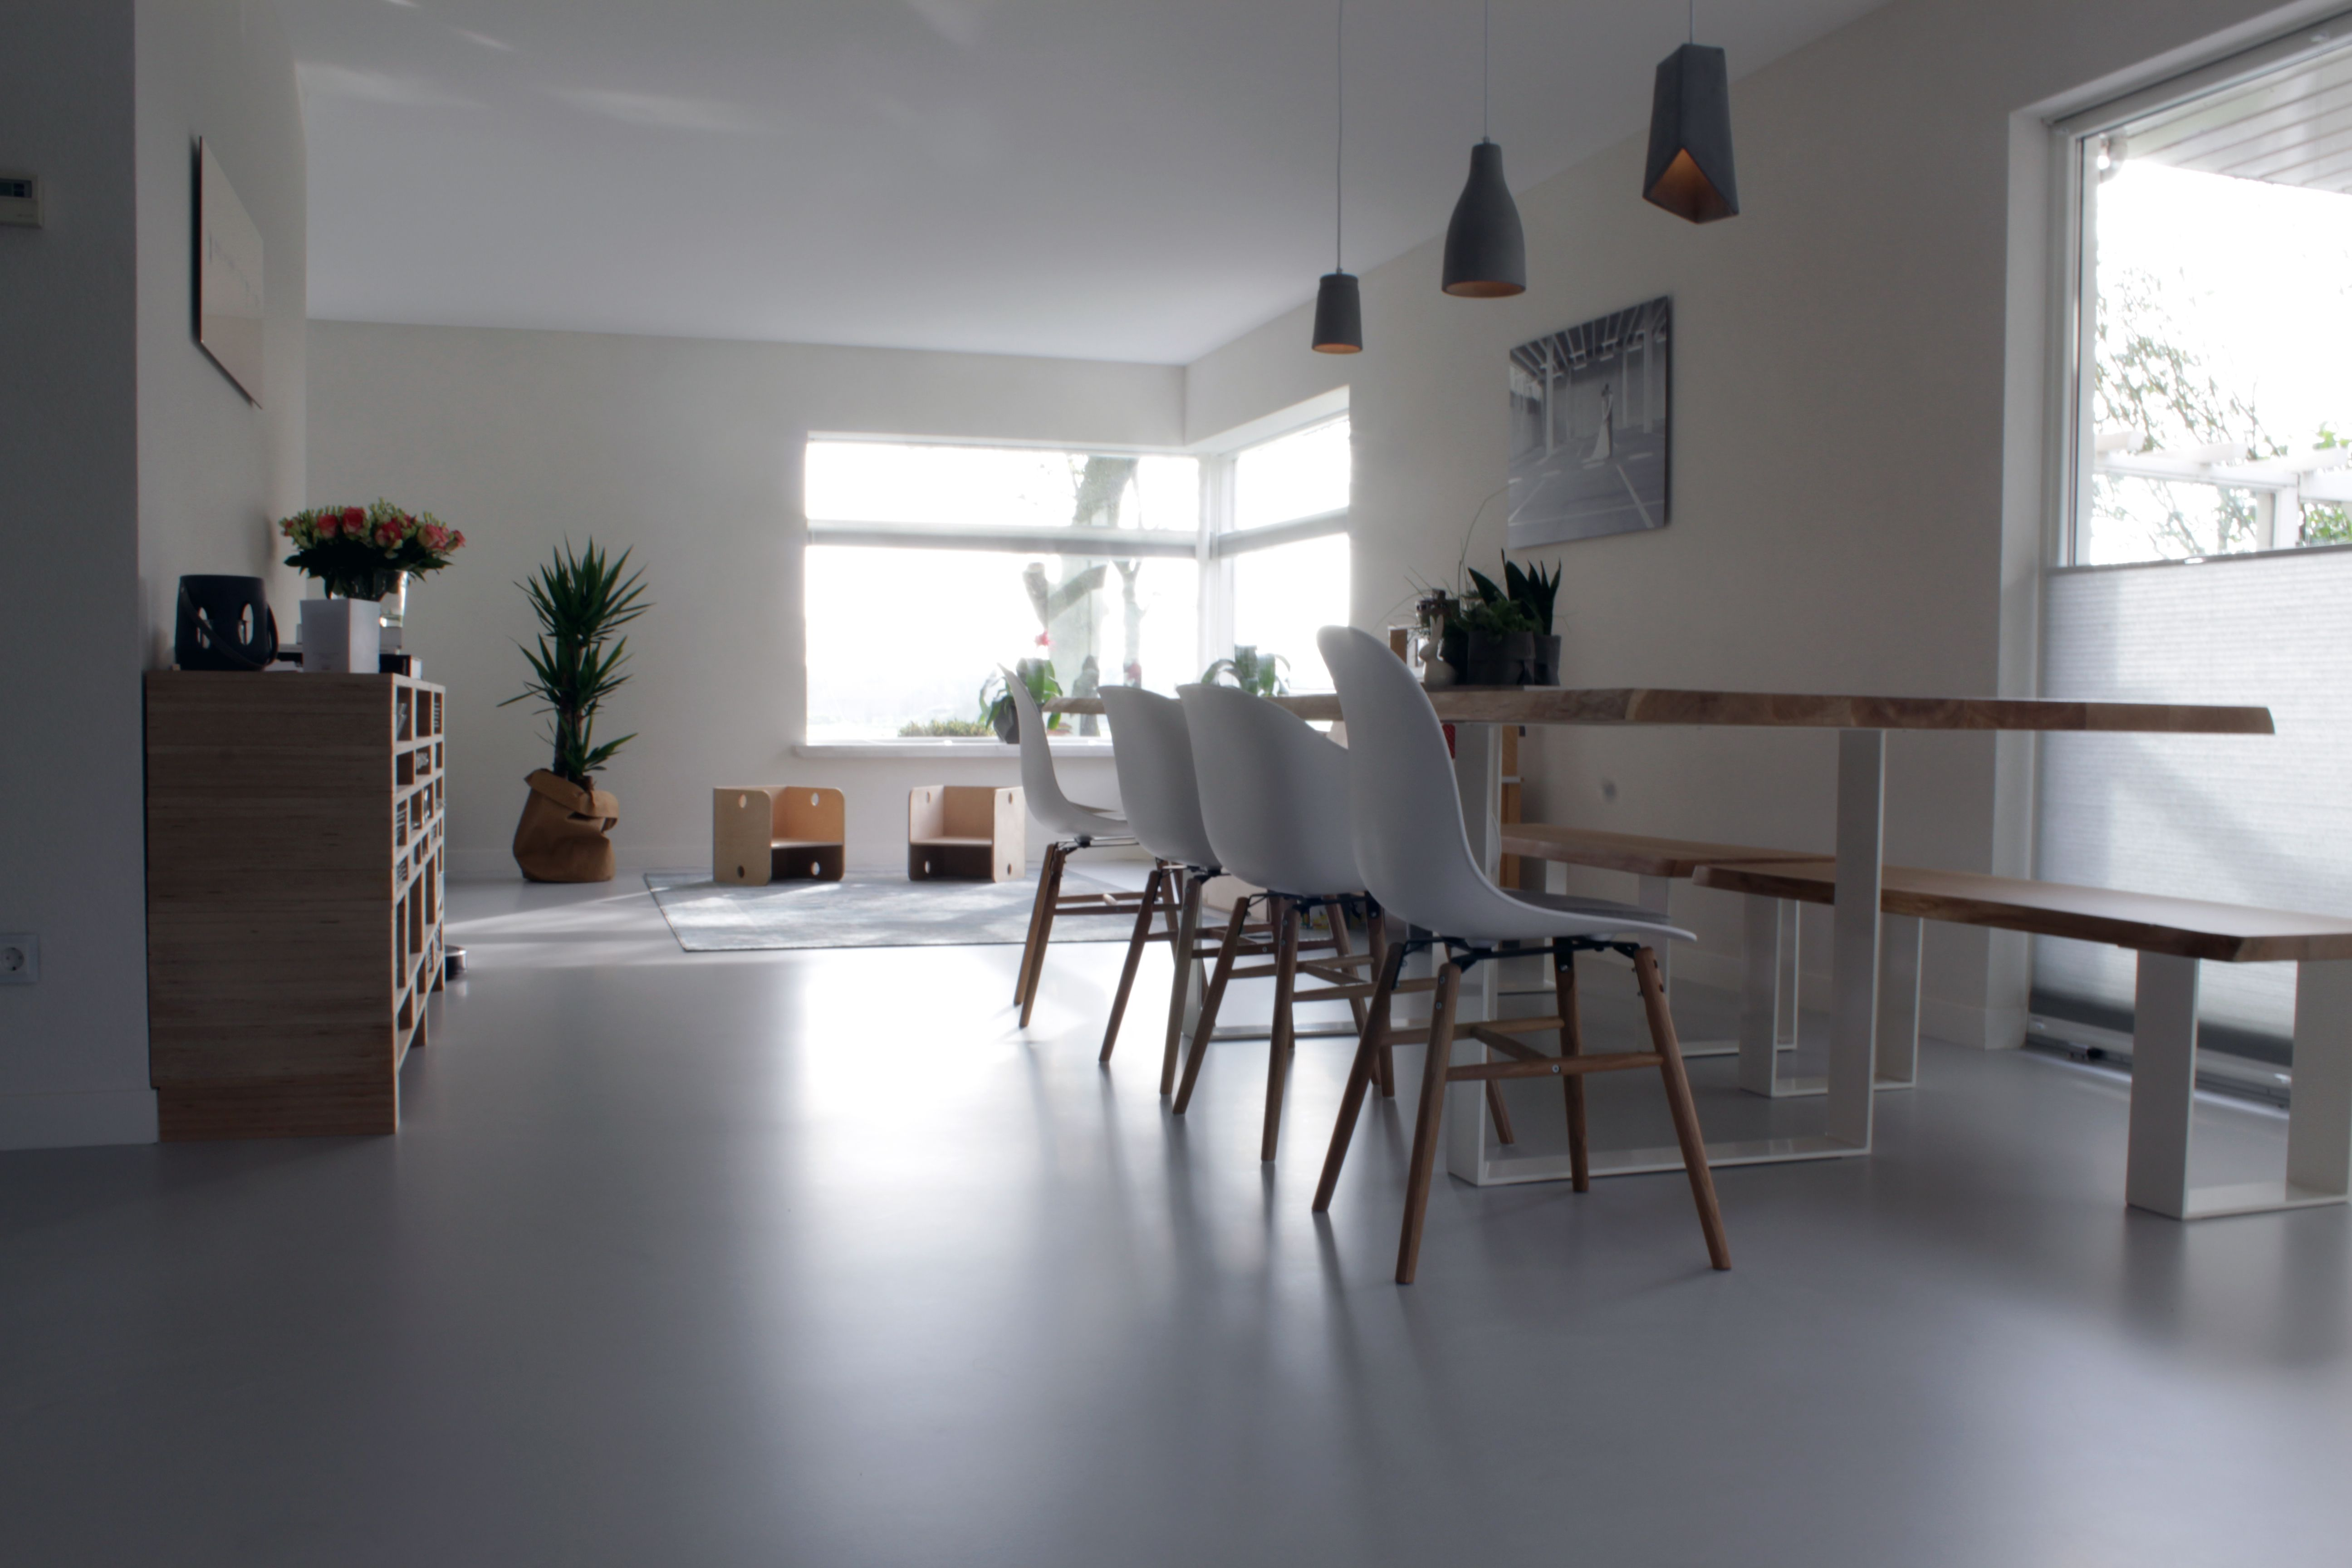 Design gietvloer in woonkamer motion gietvloeren #gietvloer